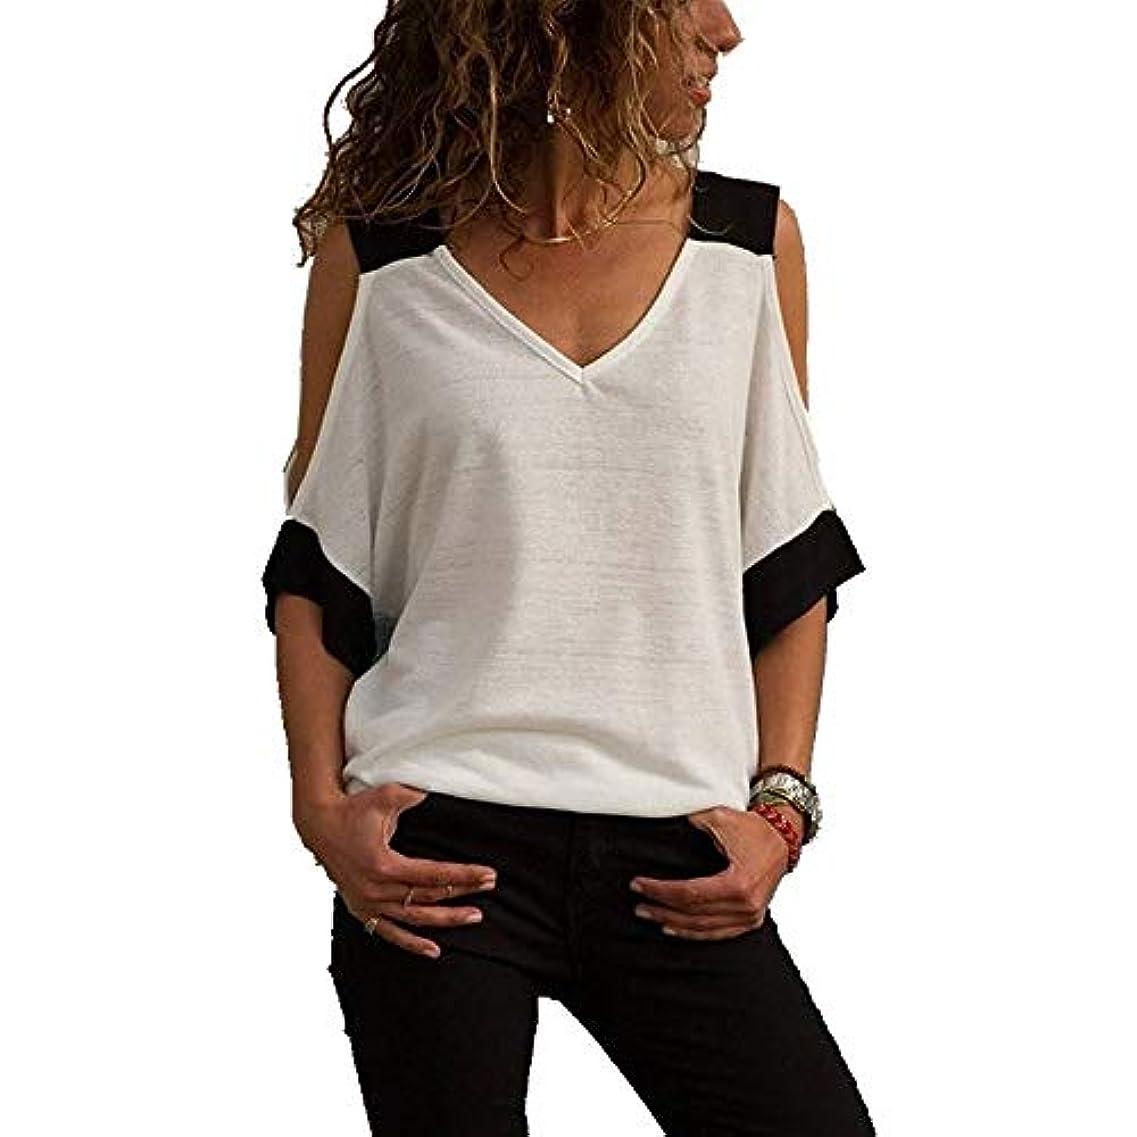 ディプロマシットコムスペルMIFAN女性ファッションカジュアルトップス女性ショルダーブラウスコットンTシャツディープVネック半袖